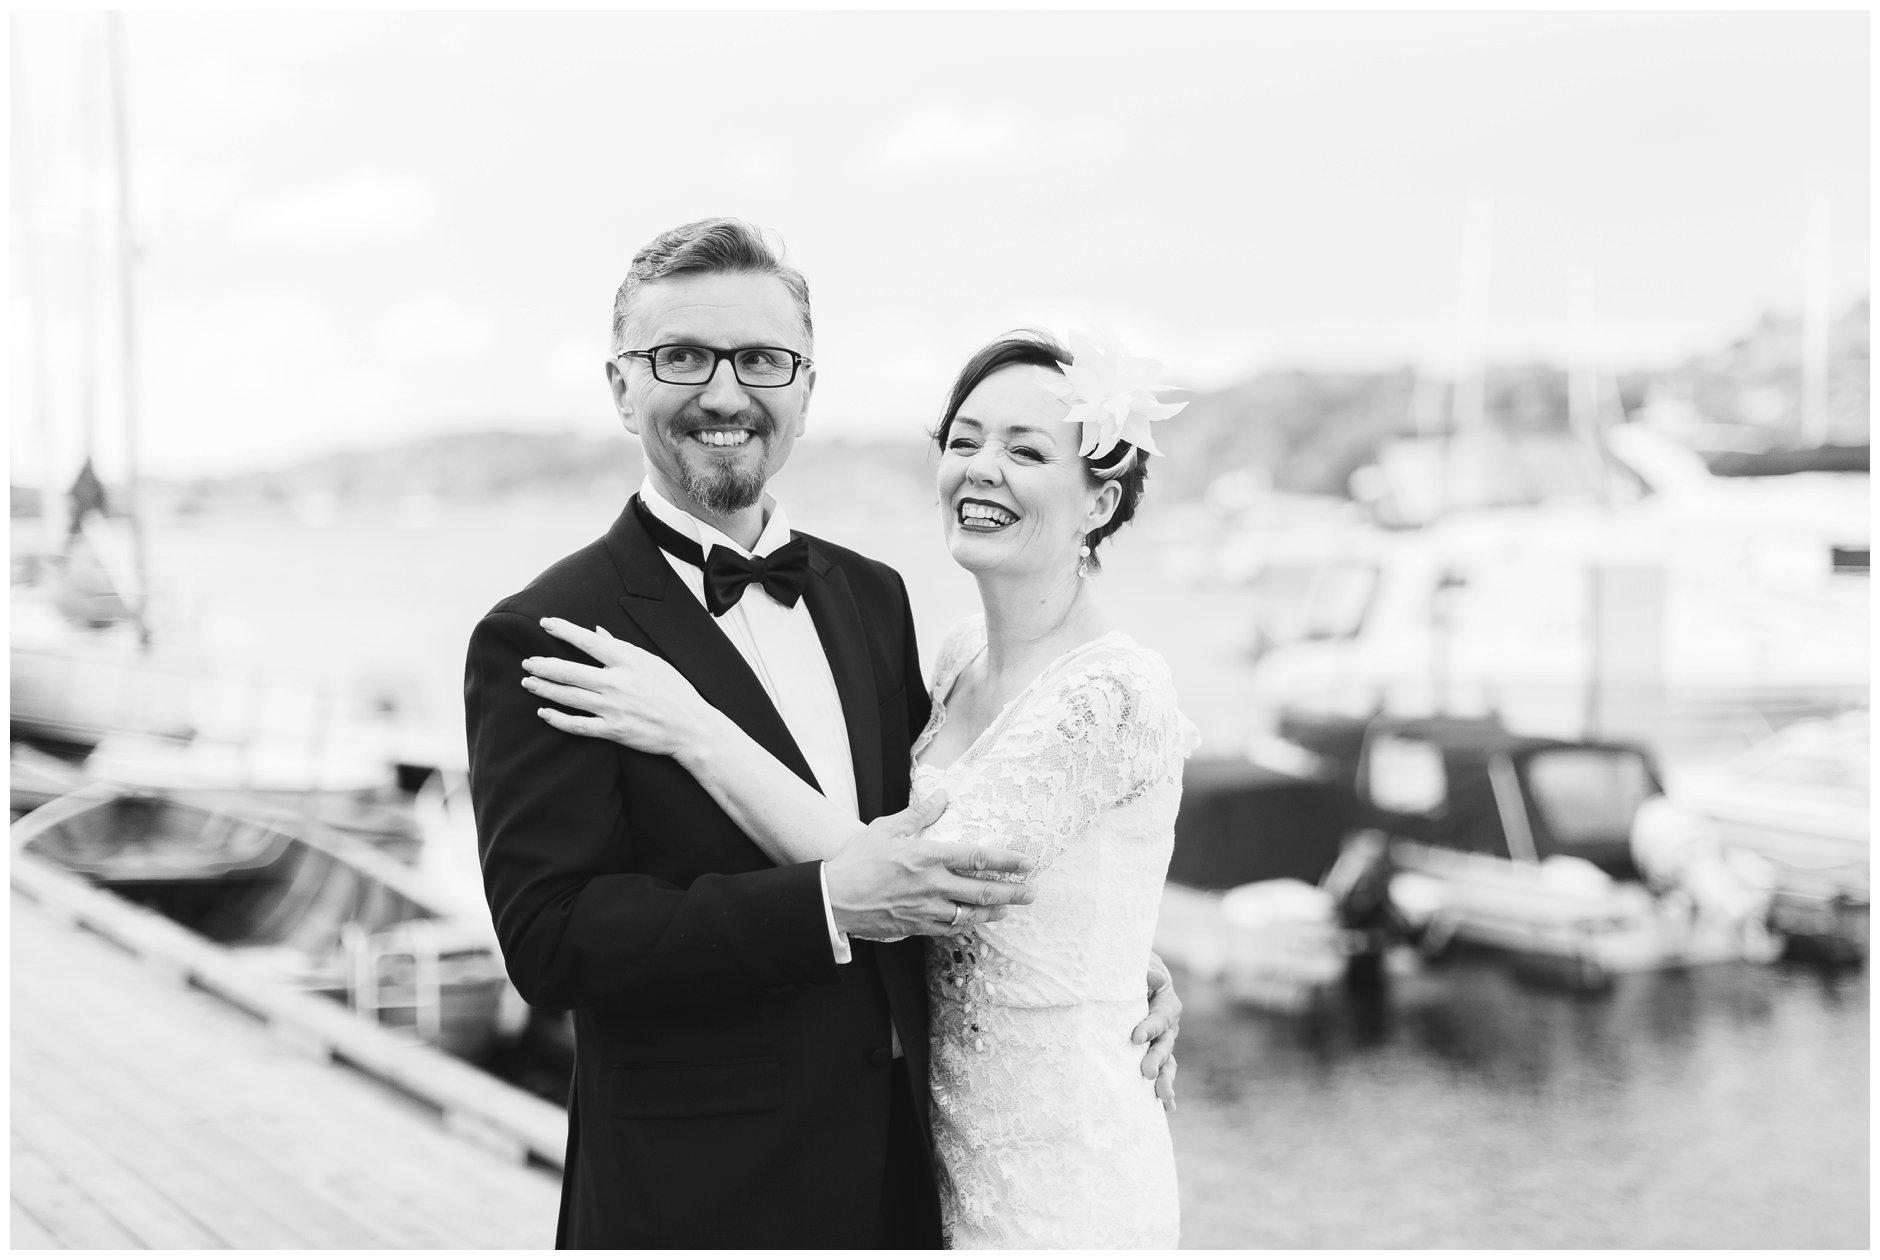 Fotograf-Eline-Jacobine-Bryllup-Tjøme-Scandic-Havna-Trine-og-Halvor_0154